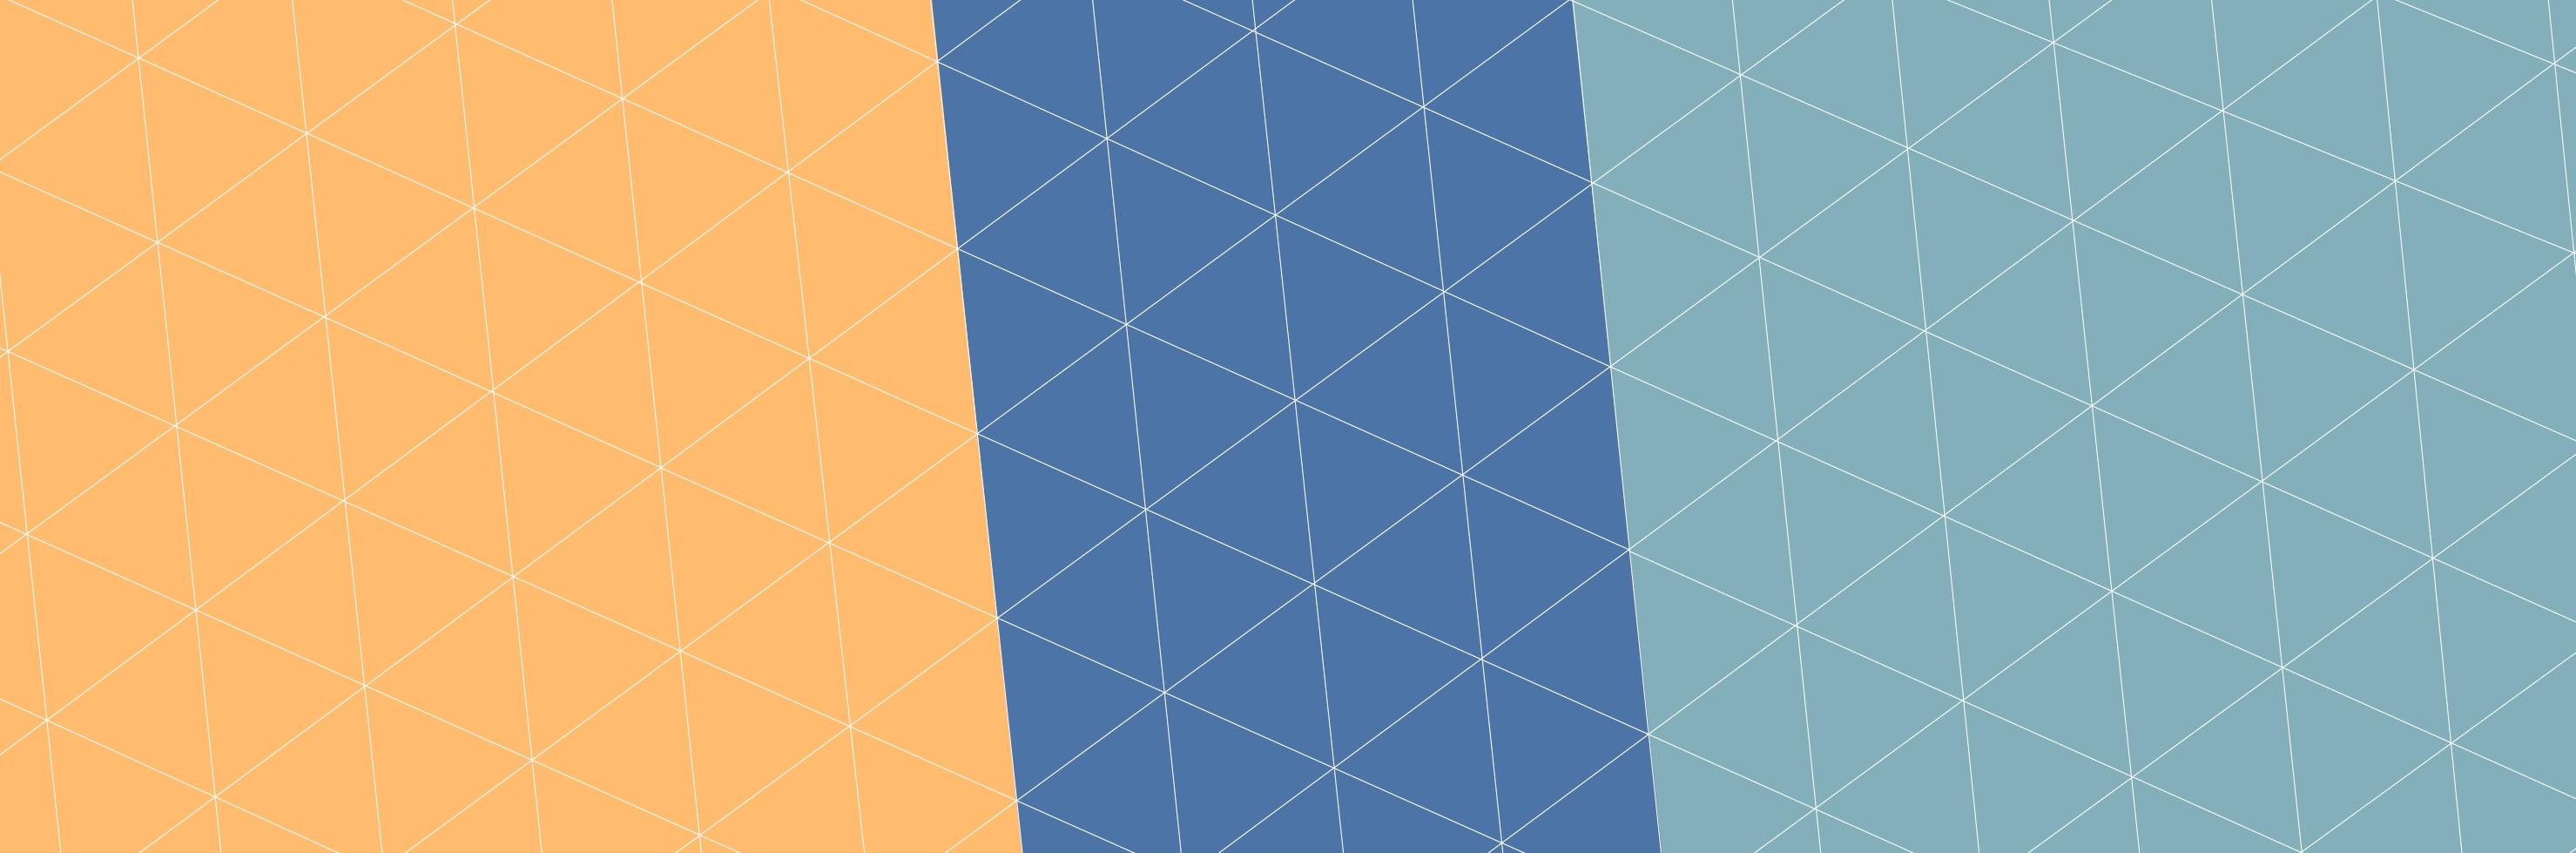 dreifarbiger Hintergrund